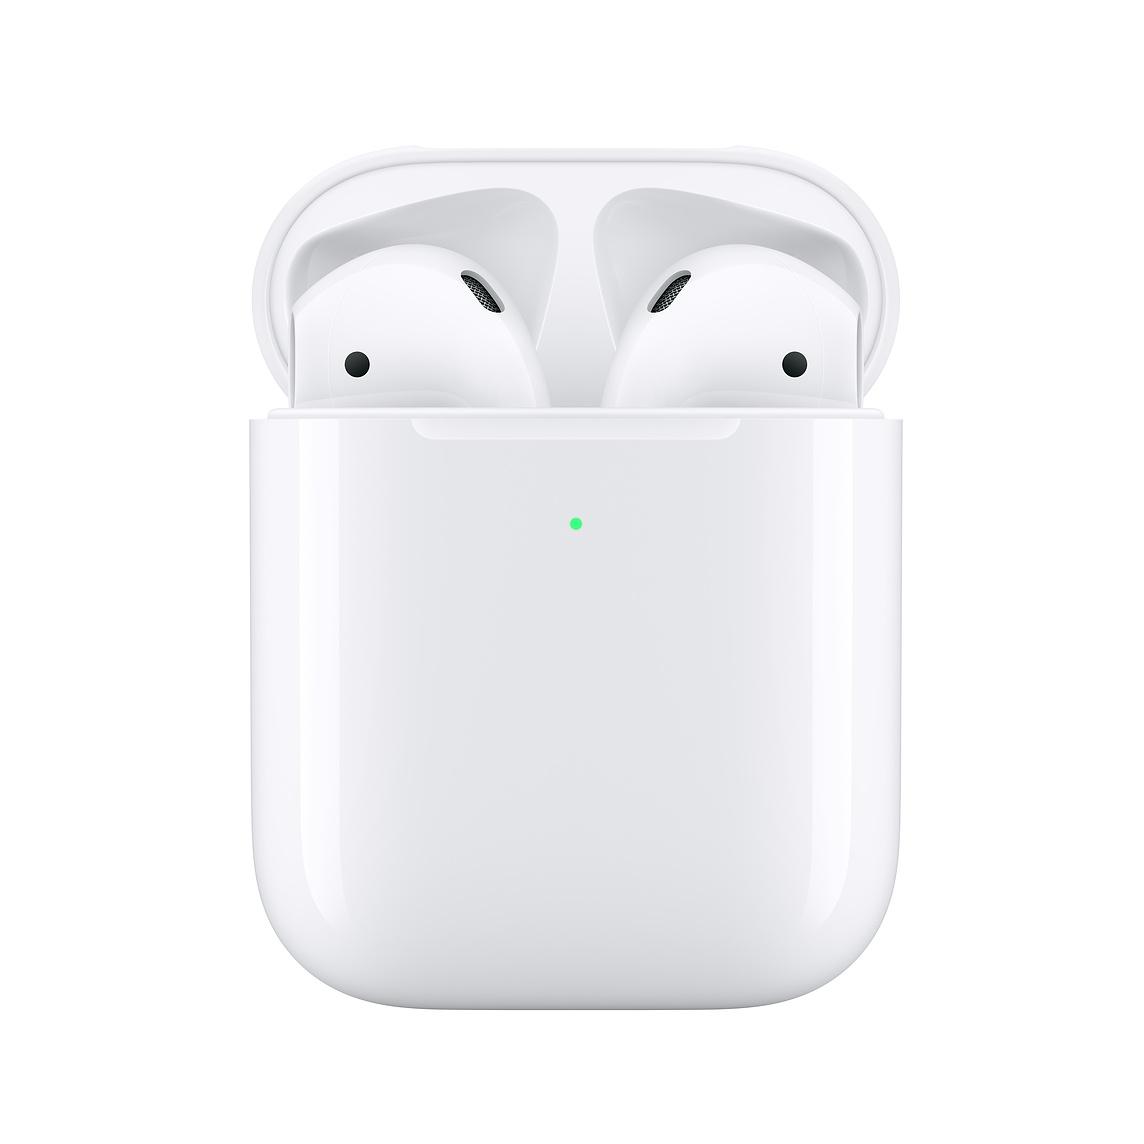 Bezdrátová sluchátka do uší, bílá - nové - 599 Kč